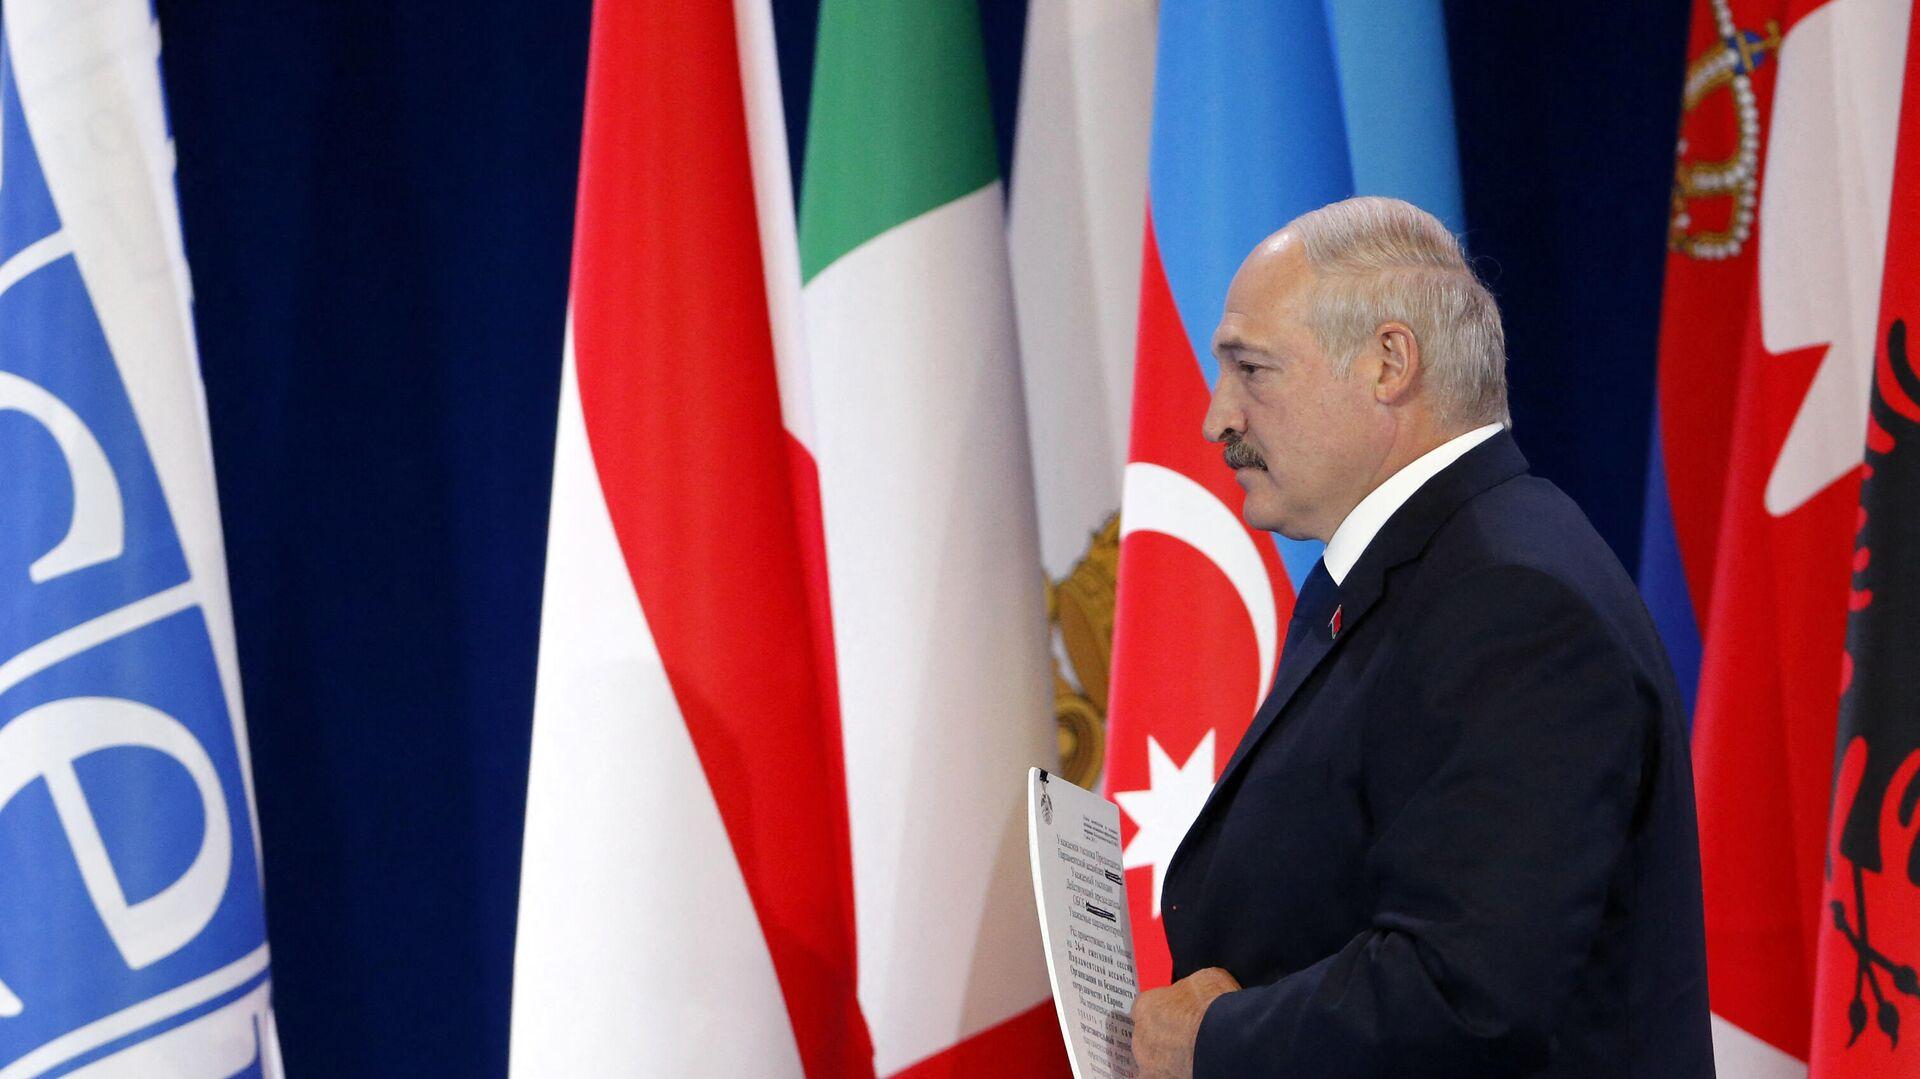 Лукашенко подпишет декрет о переходе власти к СБ в экстренной ситуации